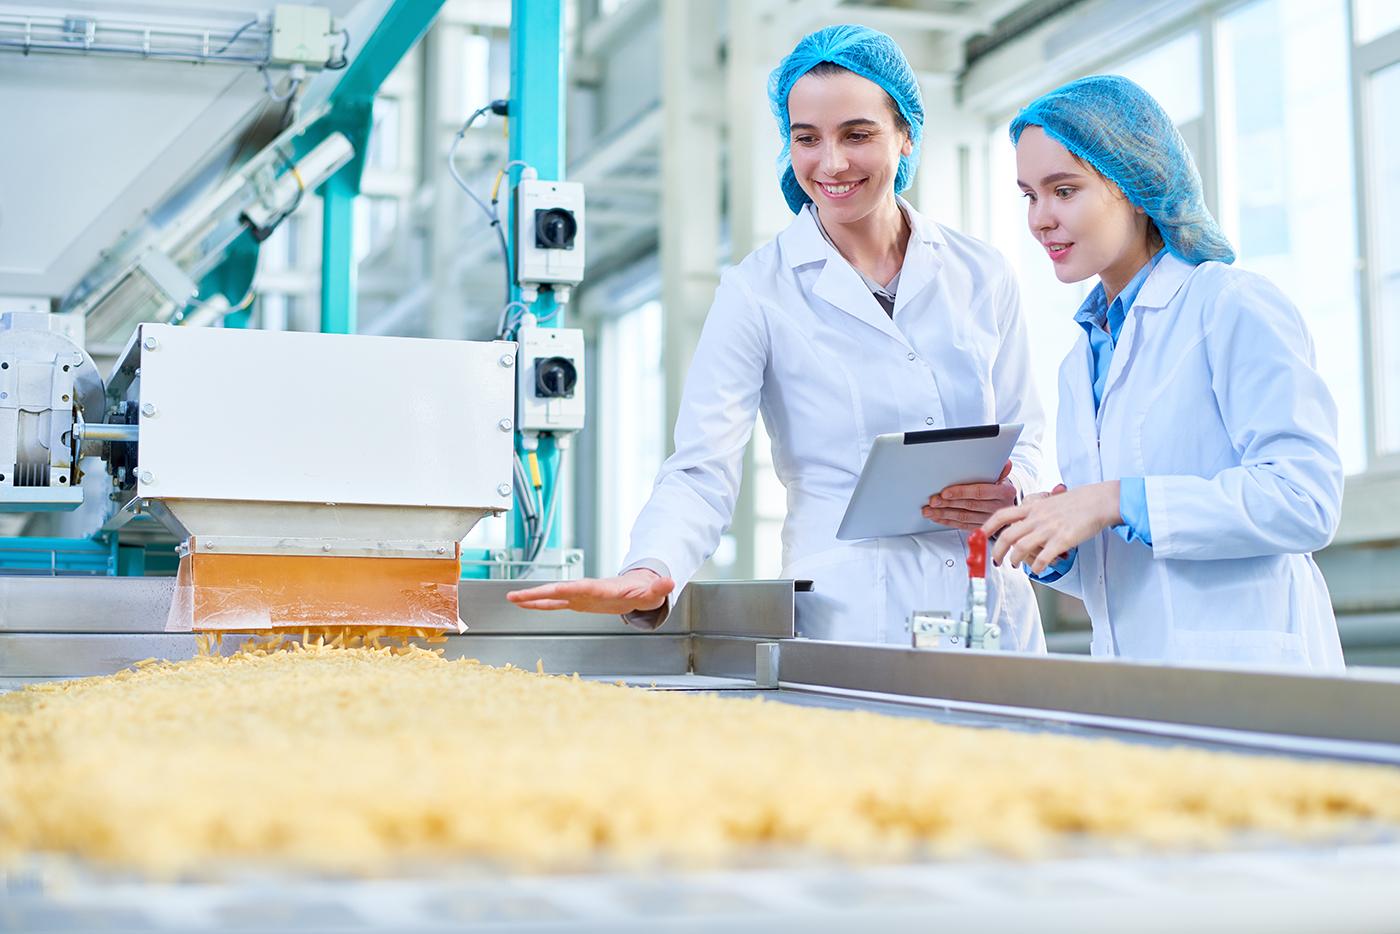 Übersetzung für die Nahrungsmittel- und Getränkeindustrie